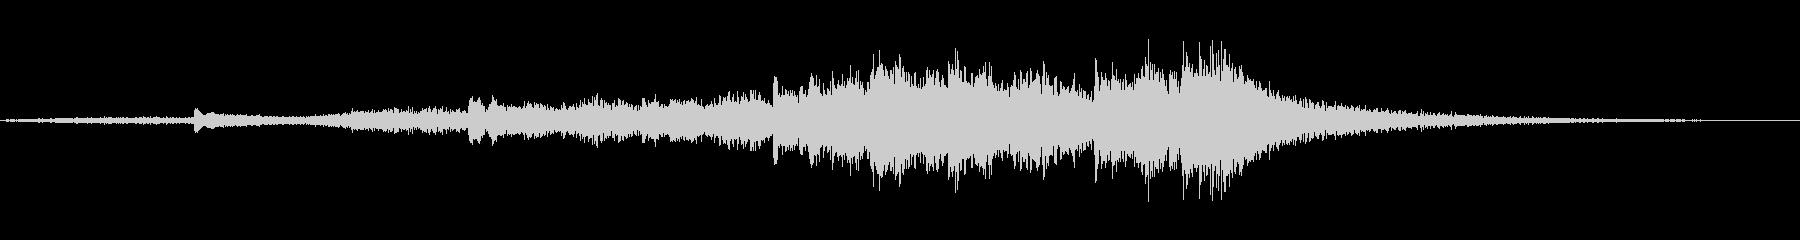 優雅な和風サウンド琴のマルチフレーズ3の未再生の波形